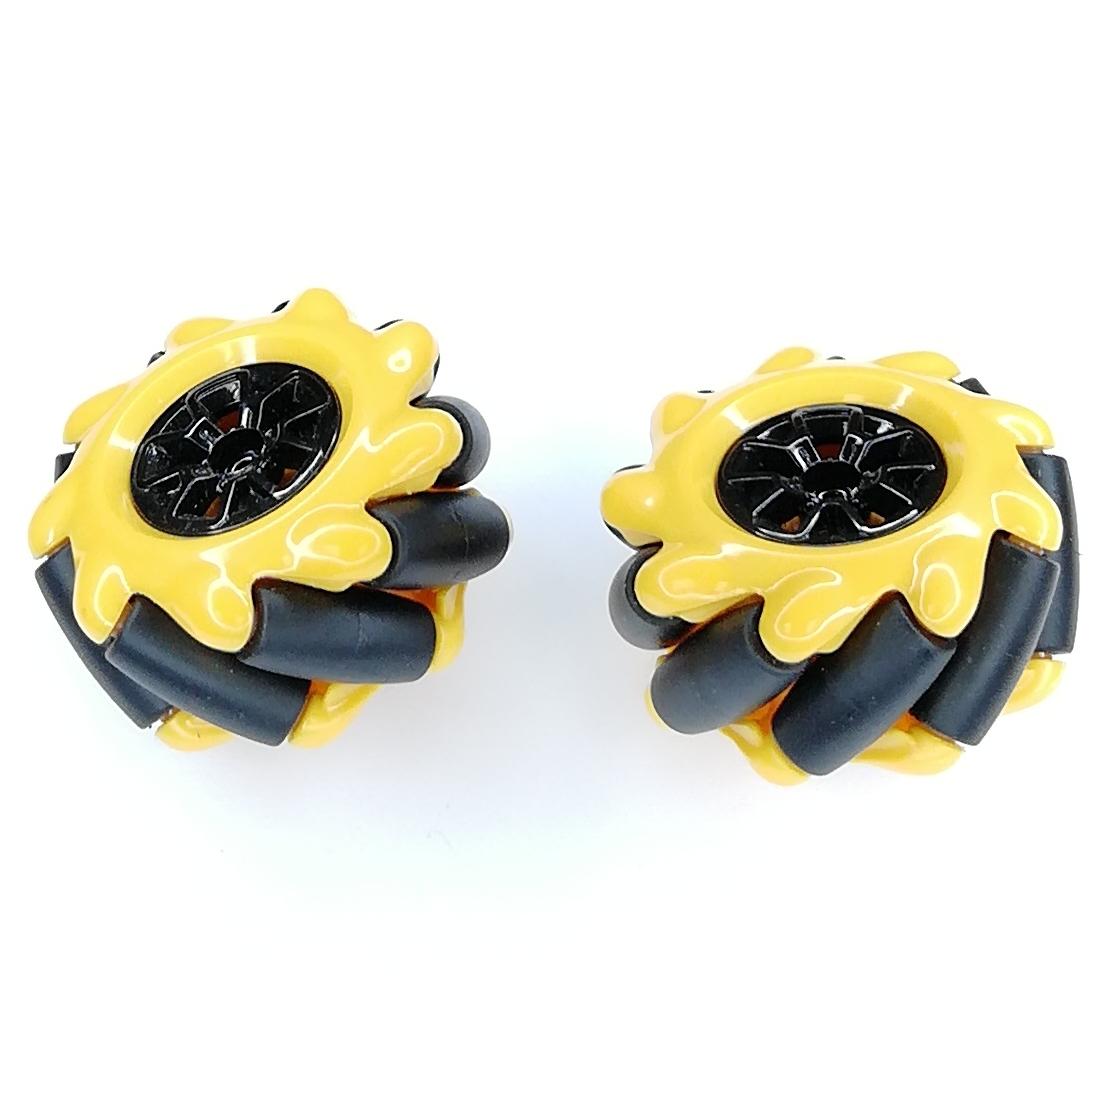 Комплект всенаправленных колес диаметром 48 мм (левое, правое)